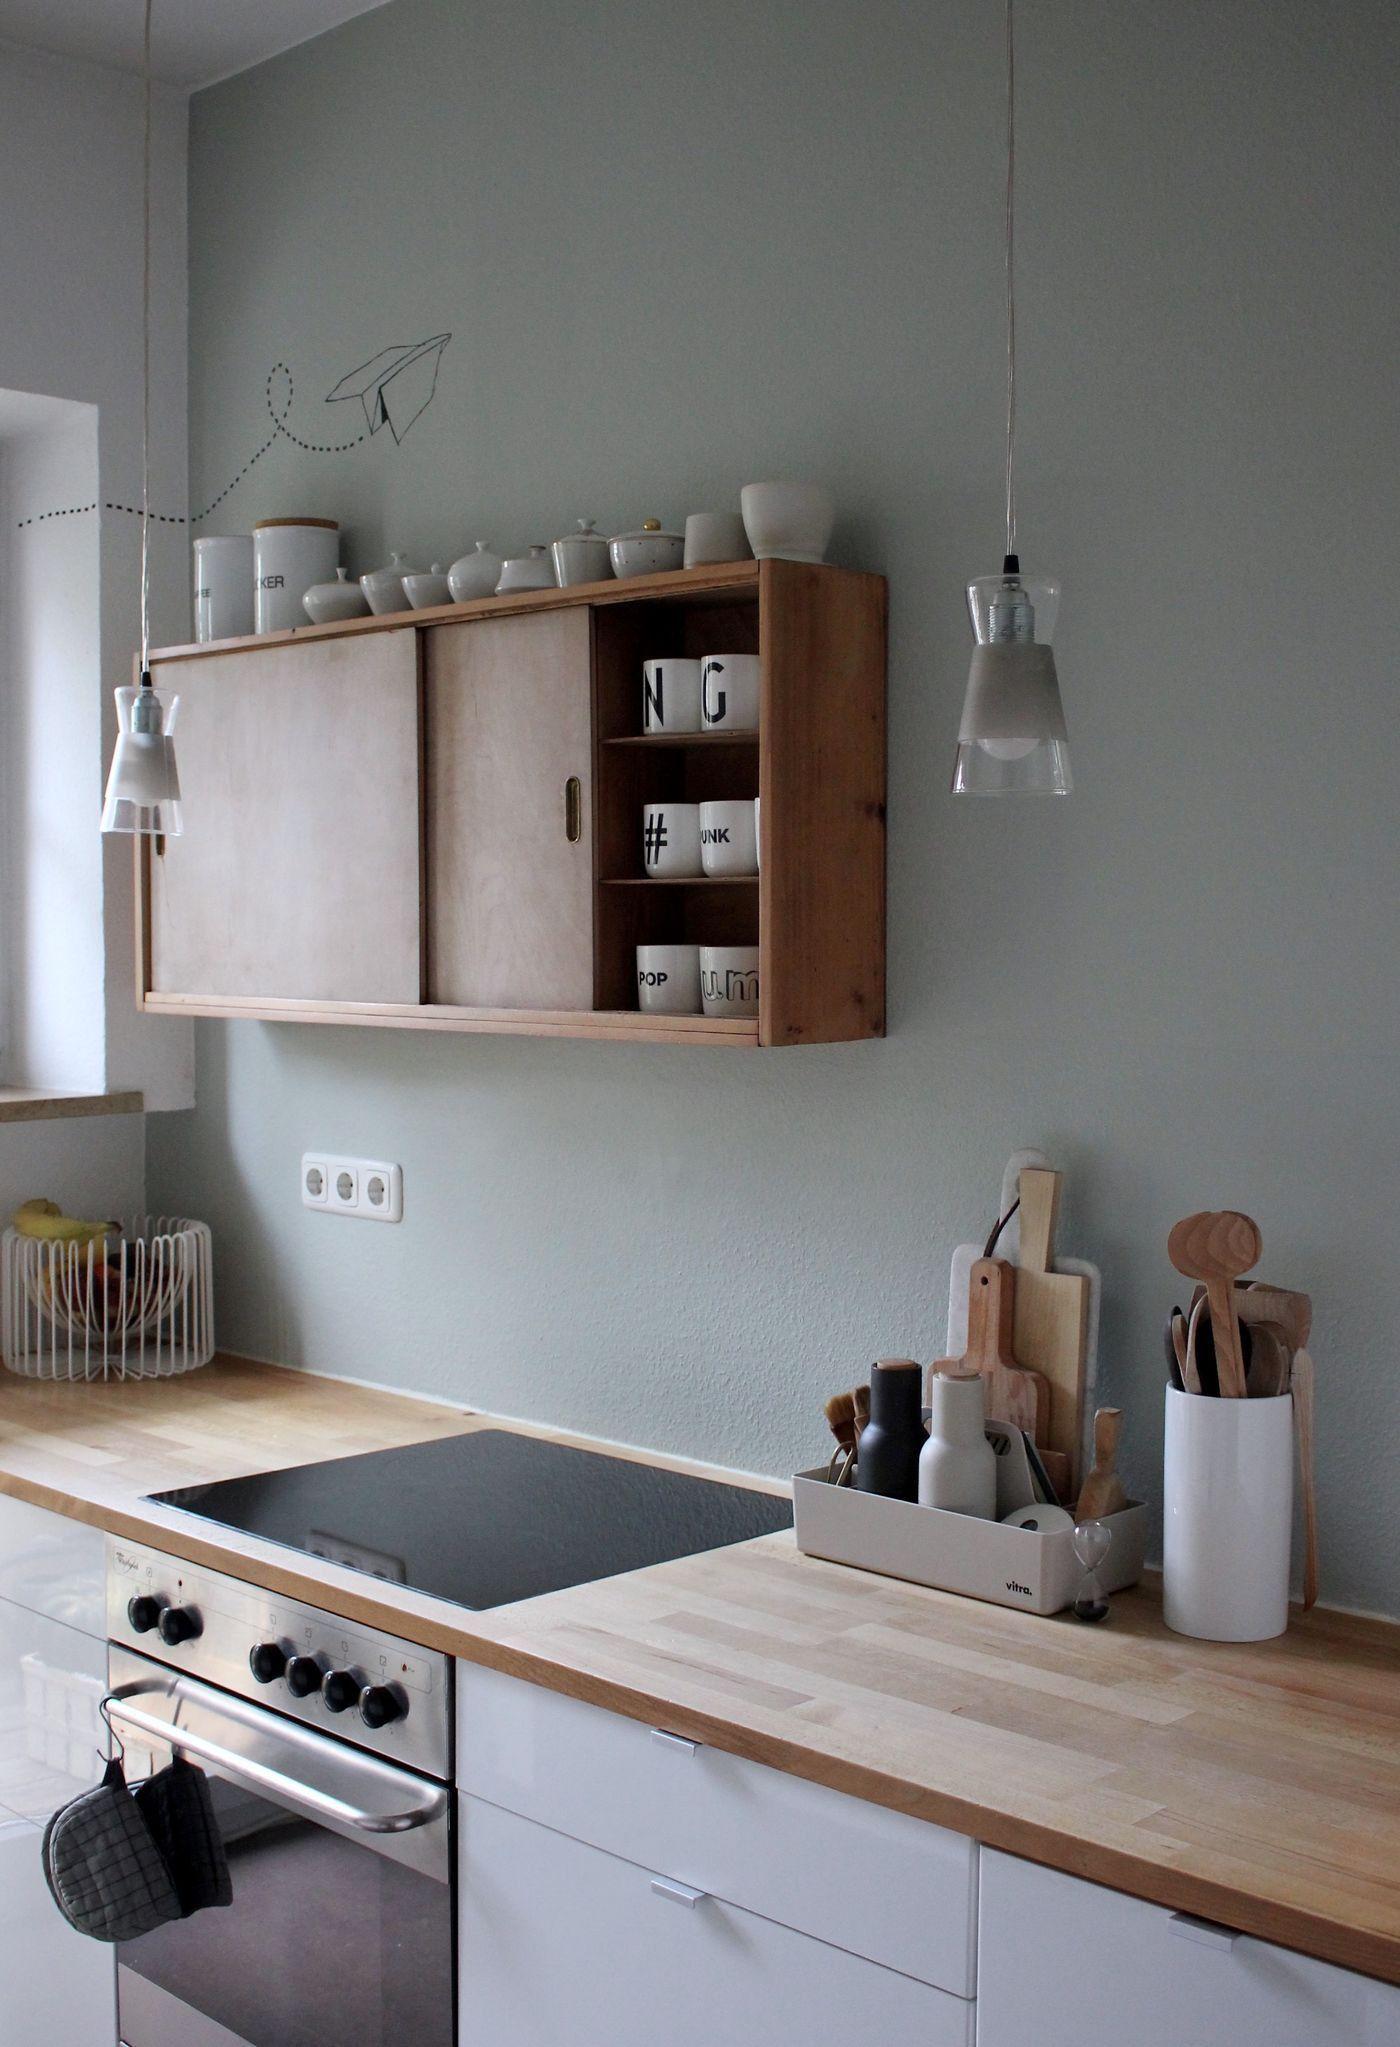 Kuche Wandfarbe Inspirational Schone Ideen Fur Wandfarbe In Der Kuche Holzarbeitsplatte Salbeigrune Wande Kuchen Streichen